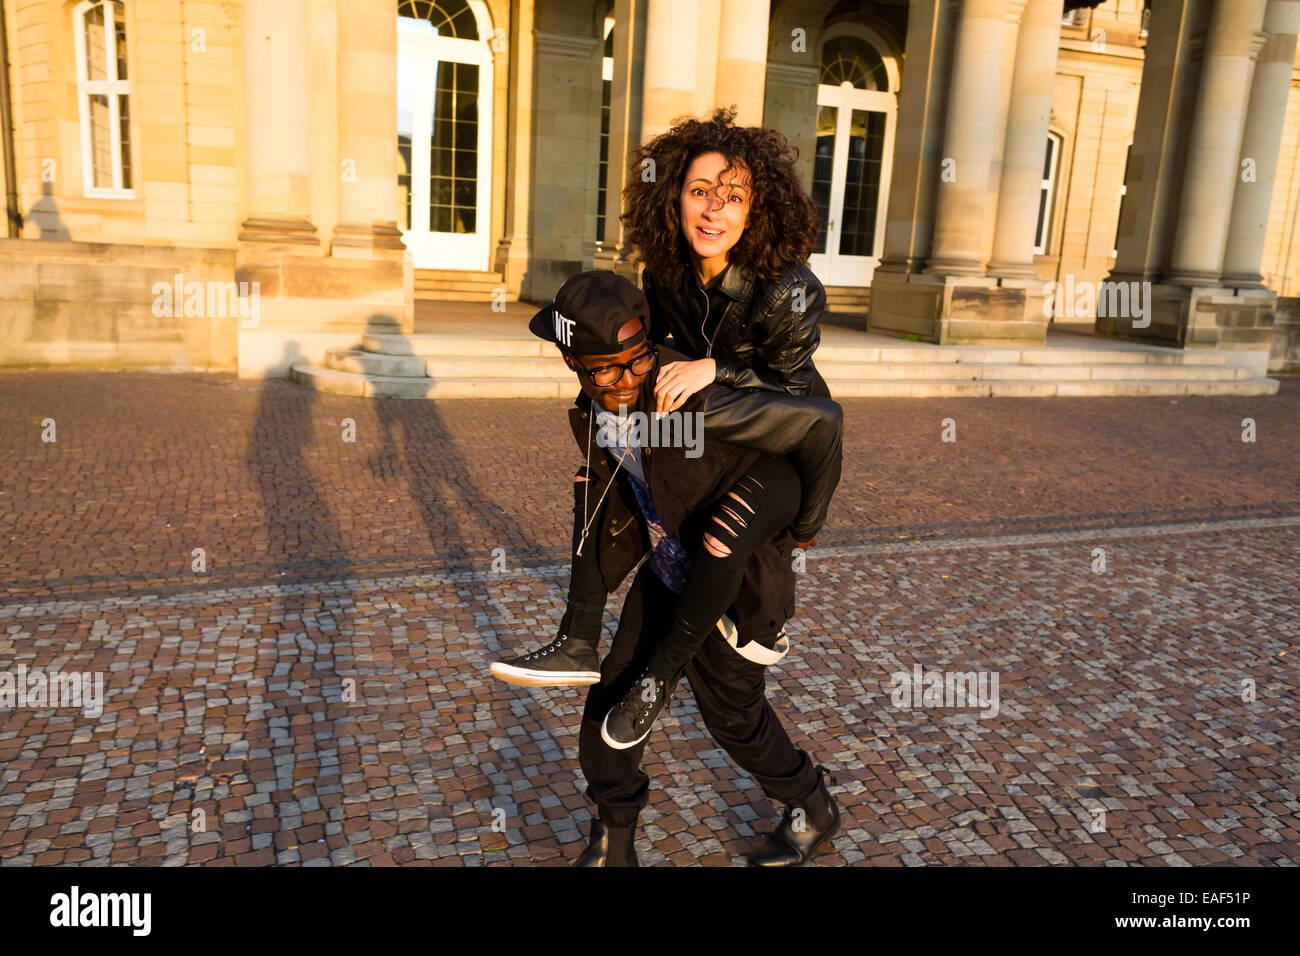 El hombre lleva una mujer afroamericana piggyback Foto de stock